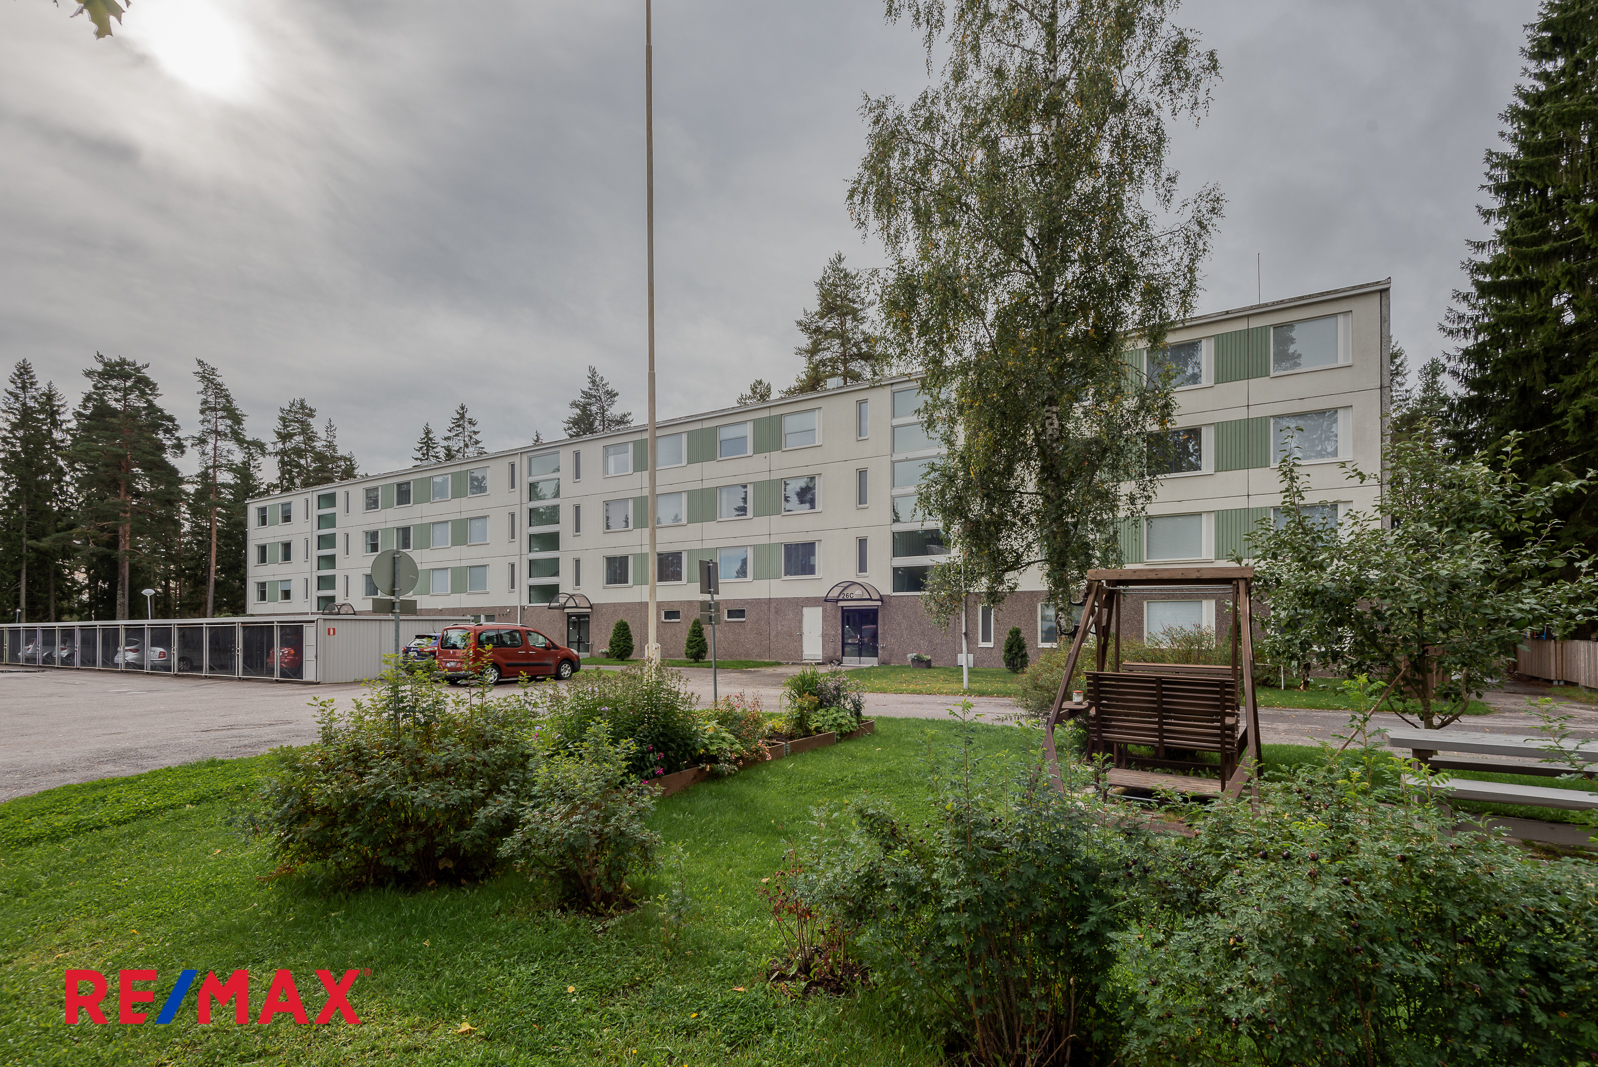 Metsäkangas, Lahti